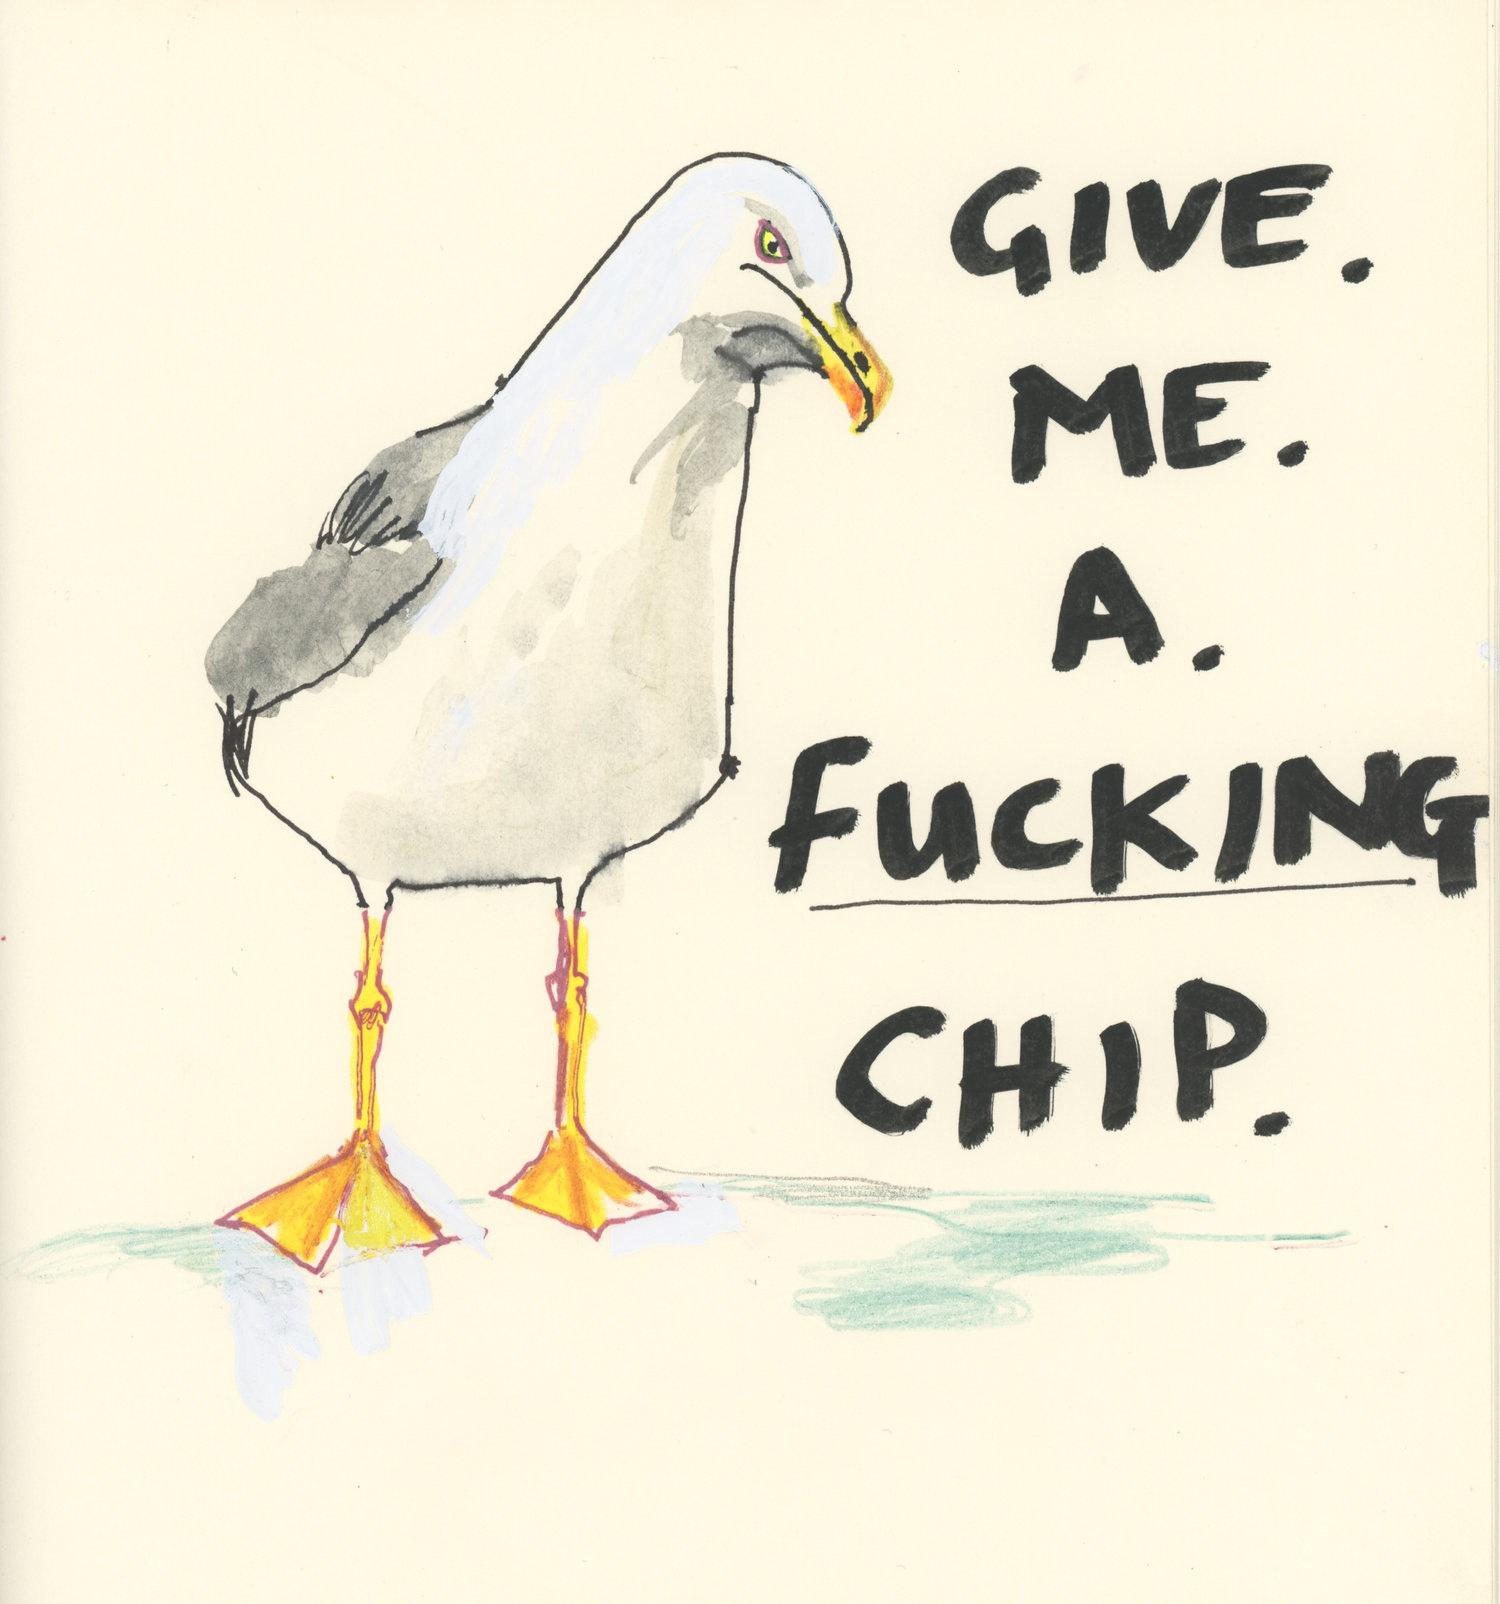 Angry Seagul